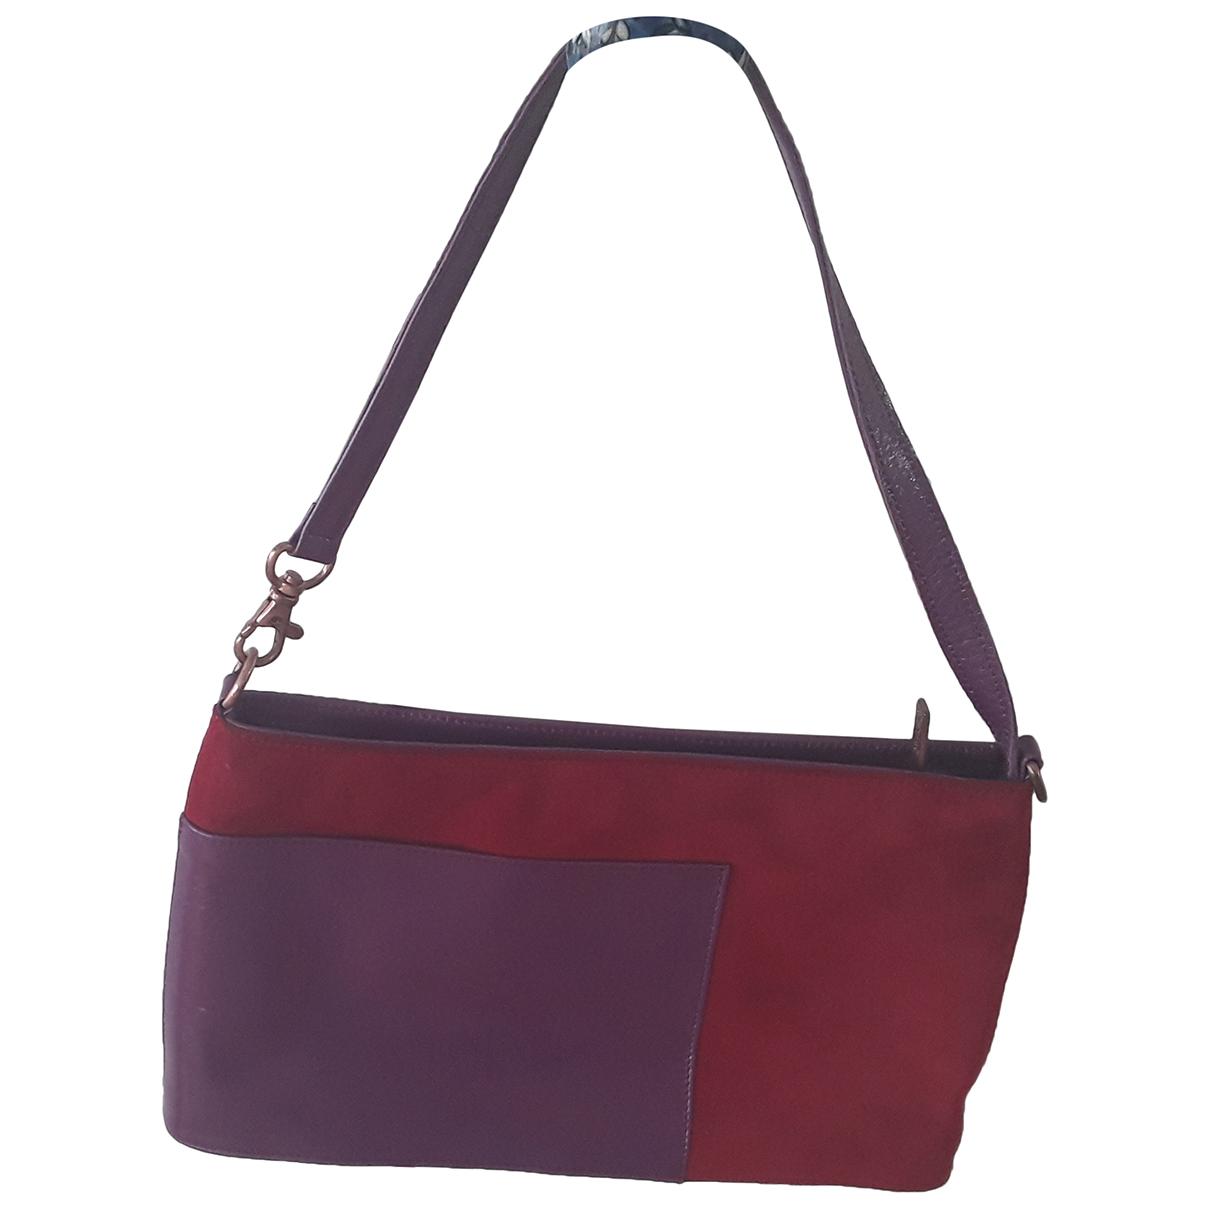 Charles Jourdan \N Burgundy Suede handbag for Women \N